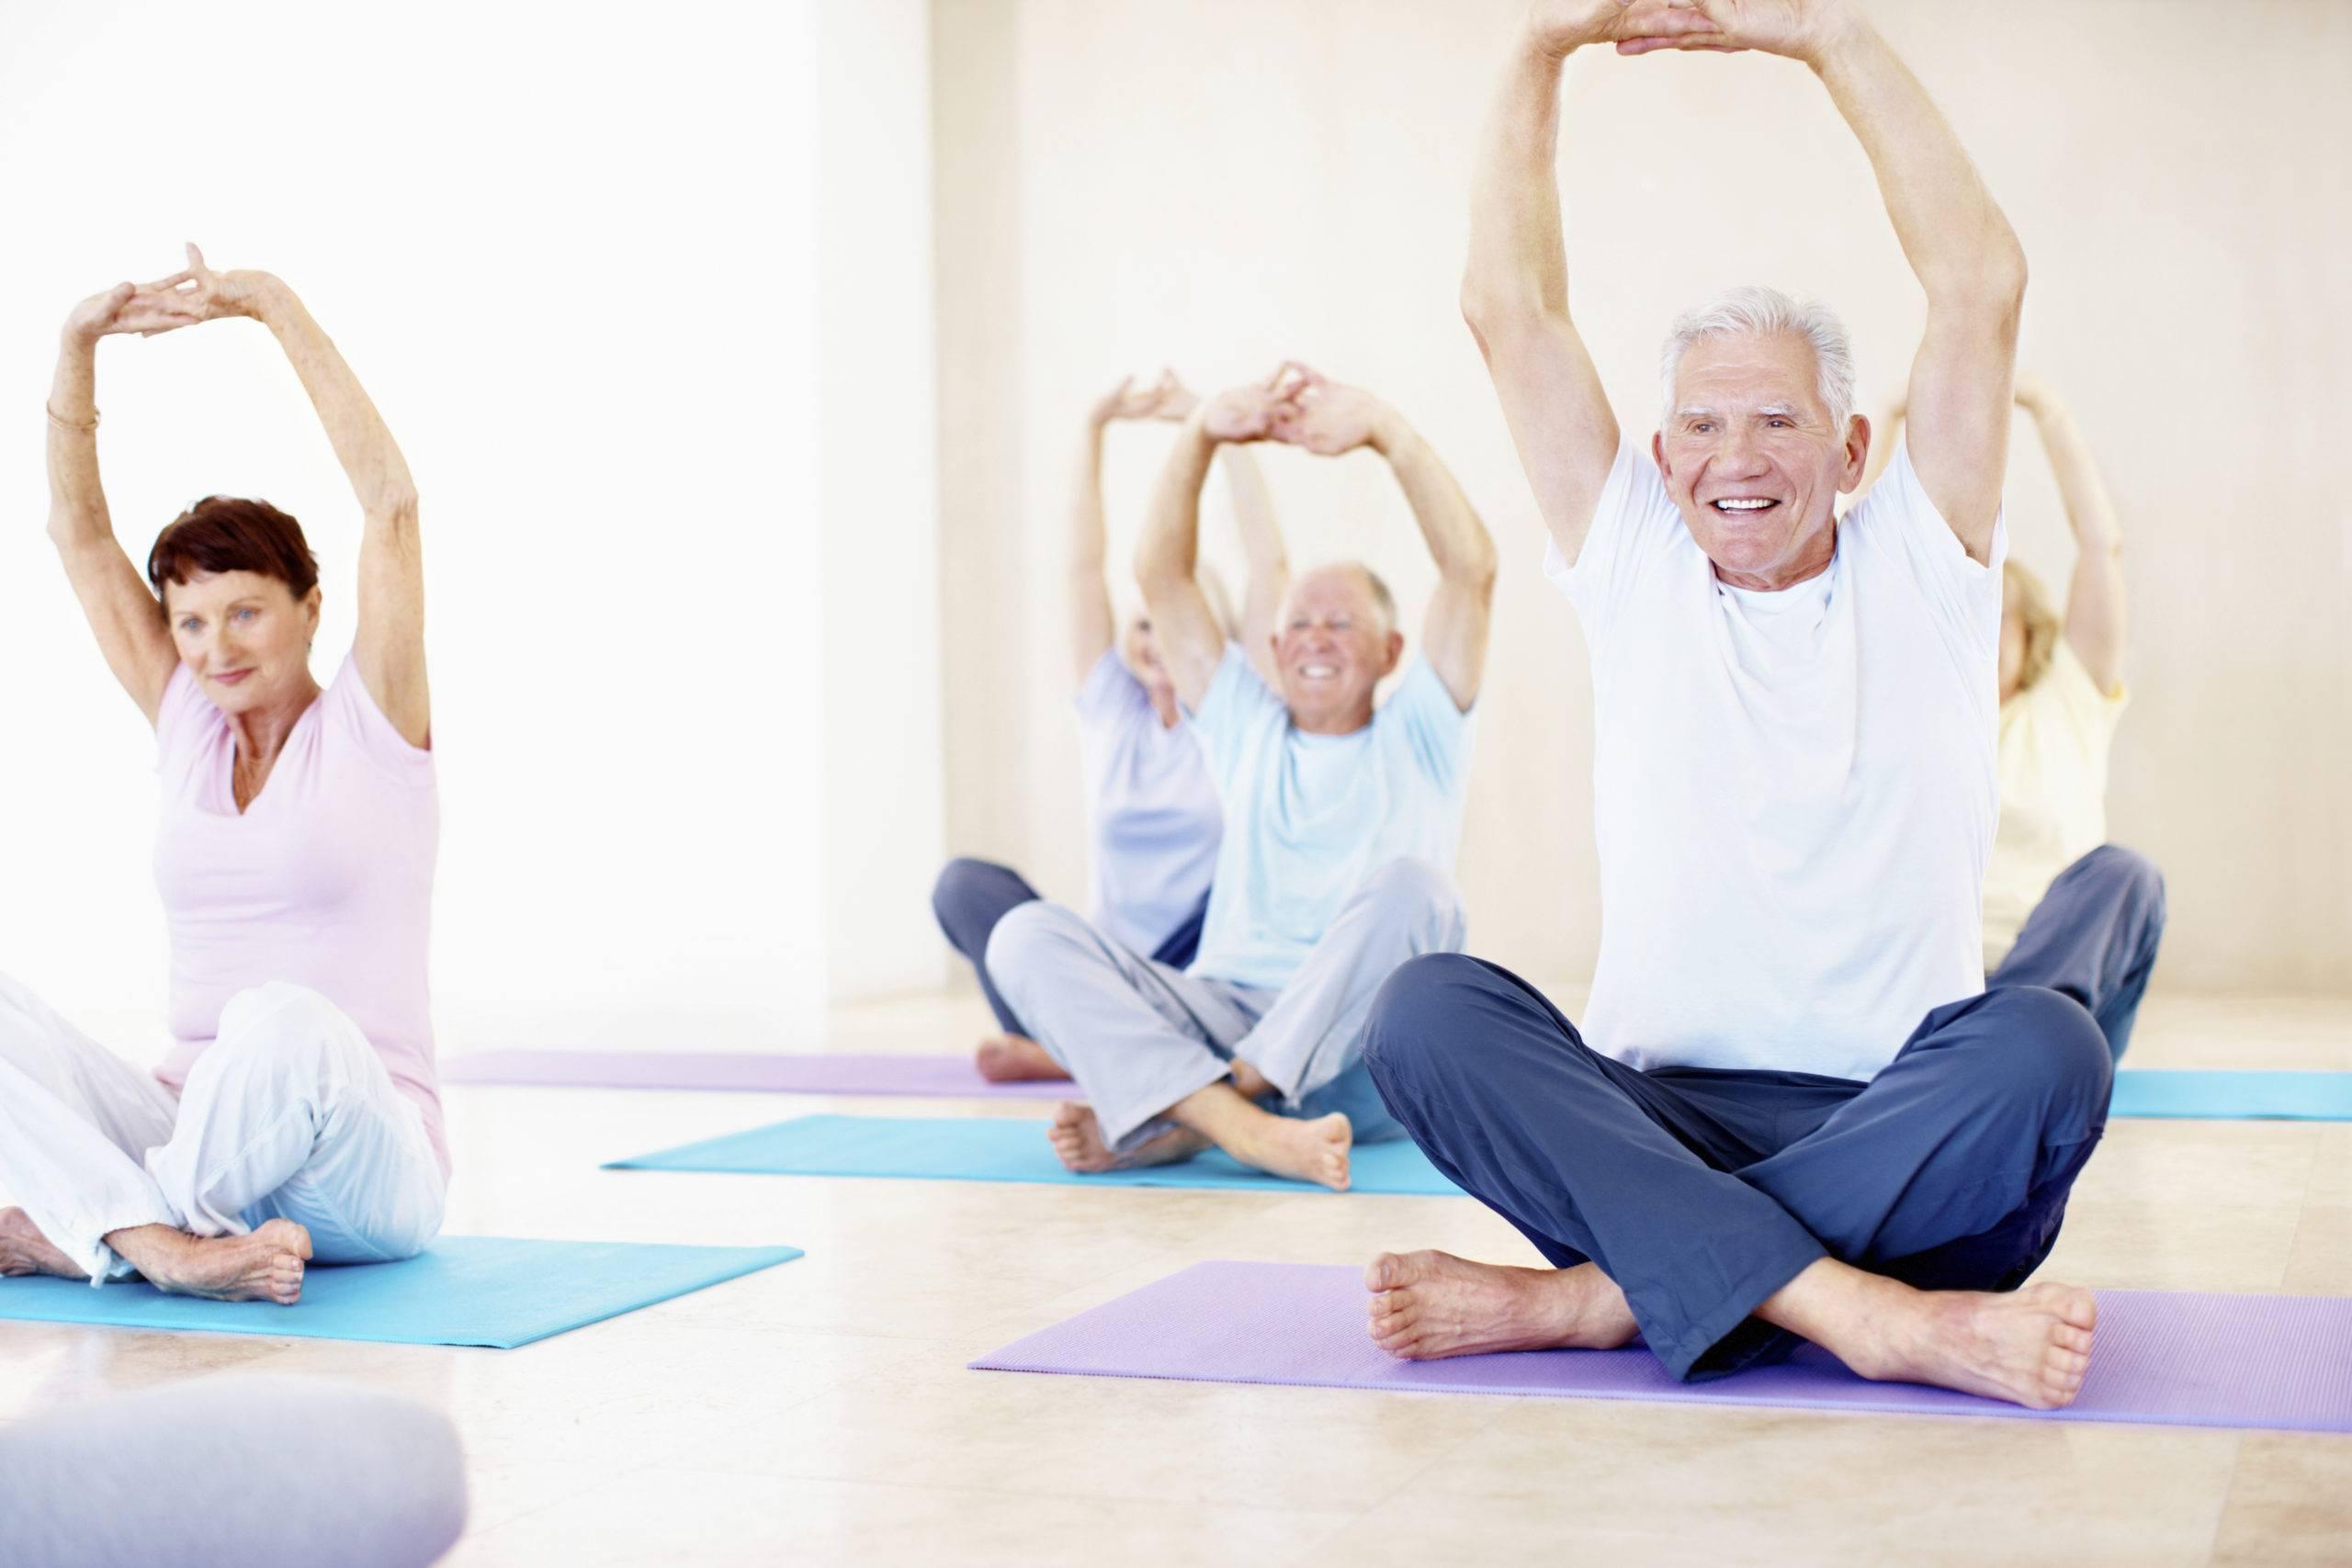 Йога для пожилых: комплексы упражнений для выполнения в домашних условиях - для начинающих, в 50 лет, в 60 лет, от артура паллаха, от бессонницы